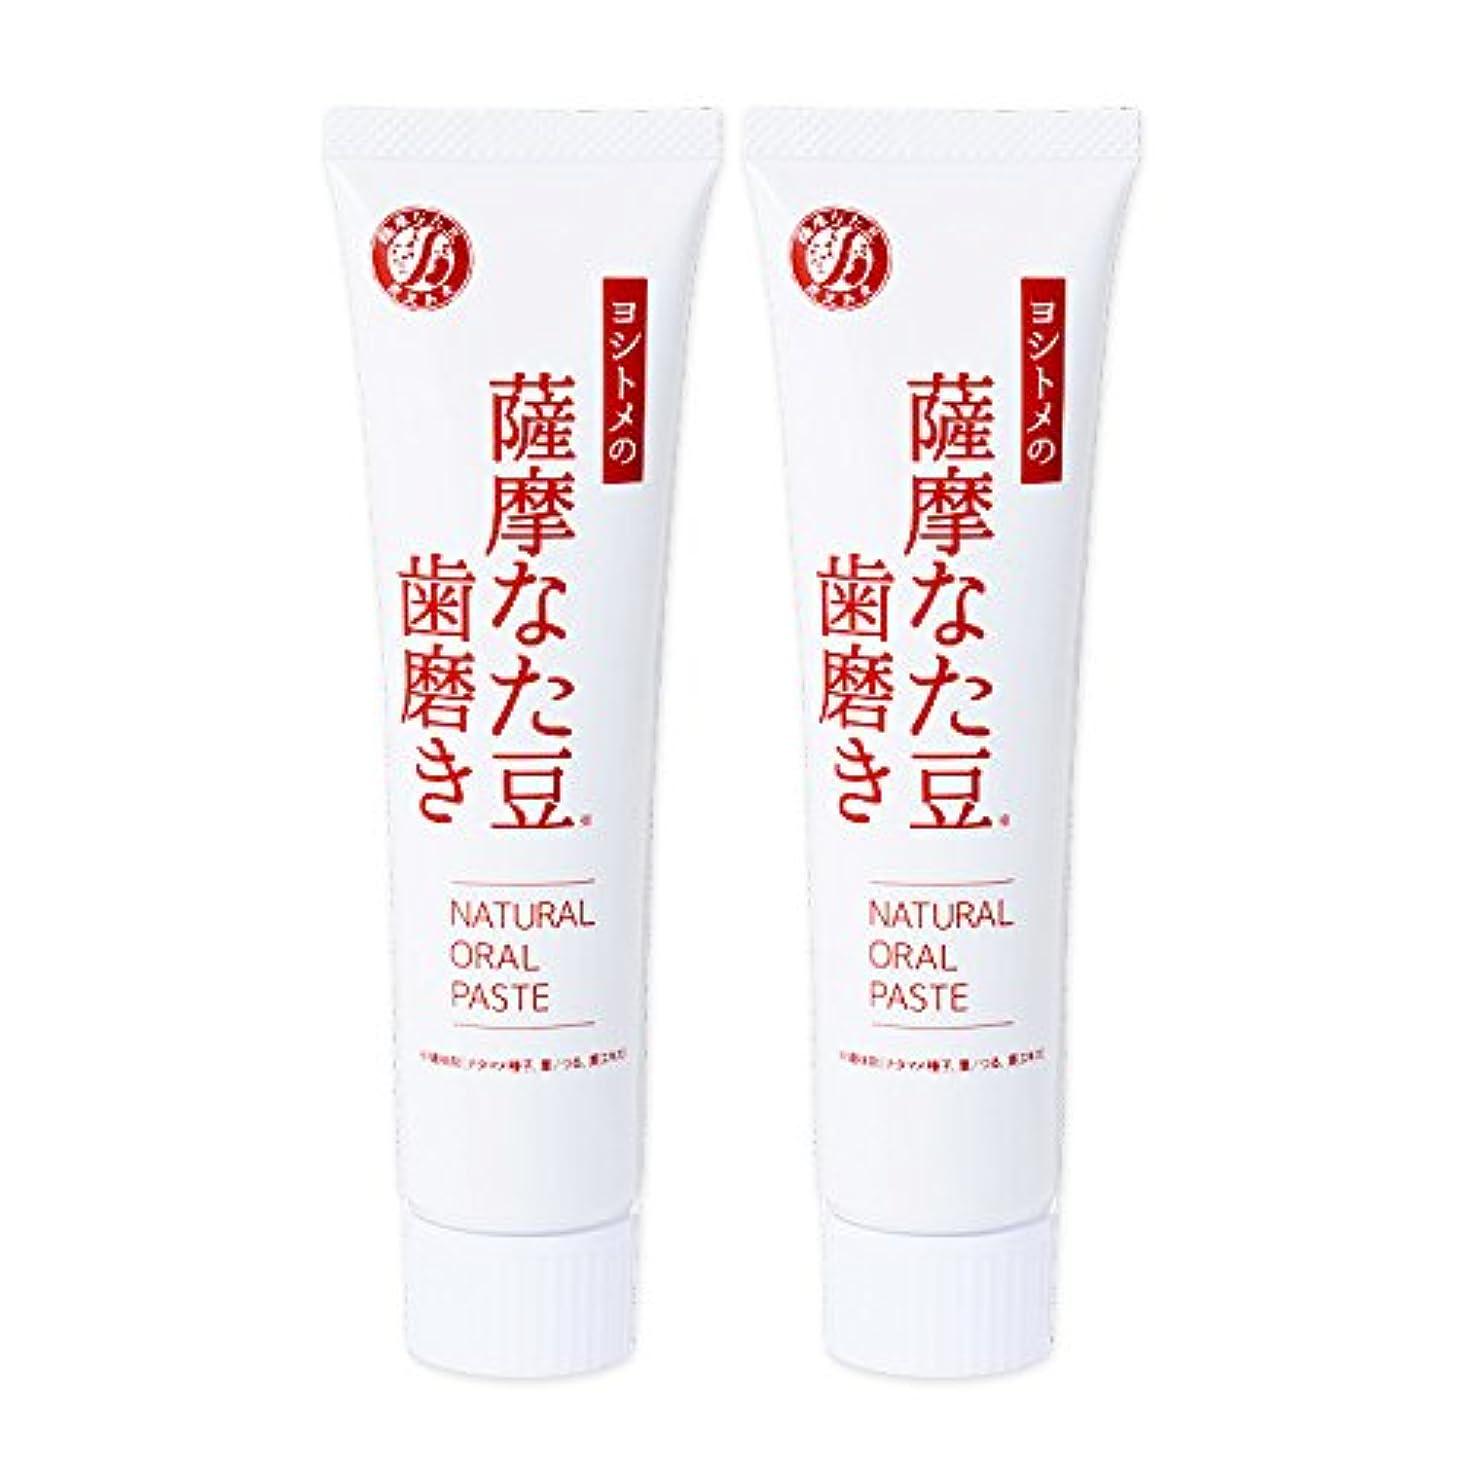 再生可能肺炎ソブリケットヨシトメの薩摩なた豆歯磨き [110g]白箱◆2個セット